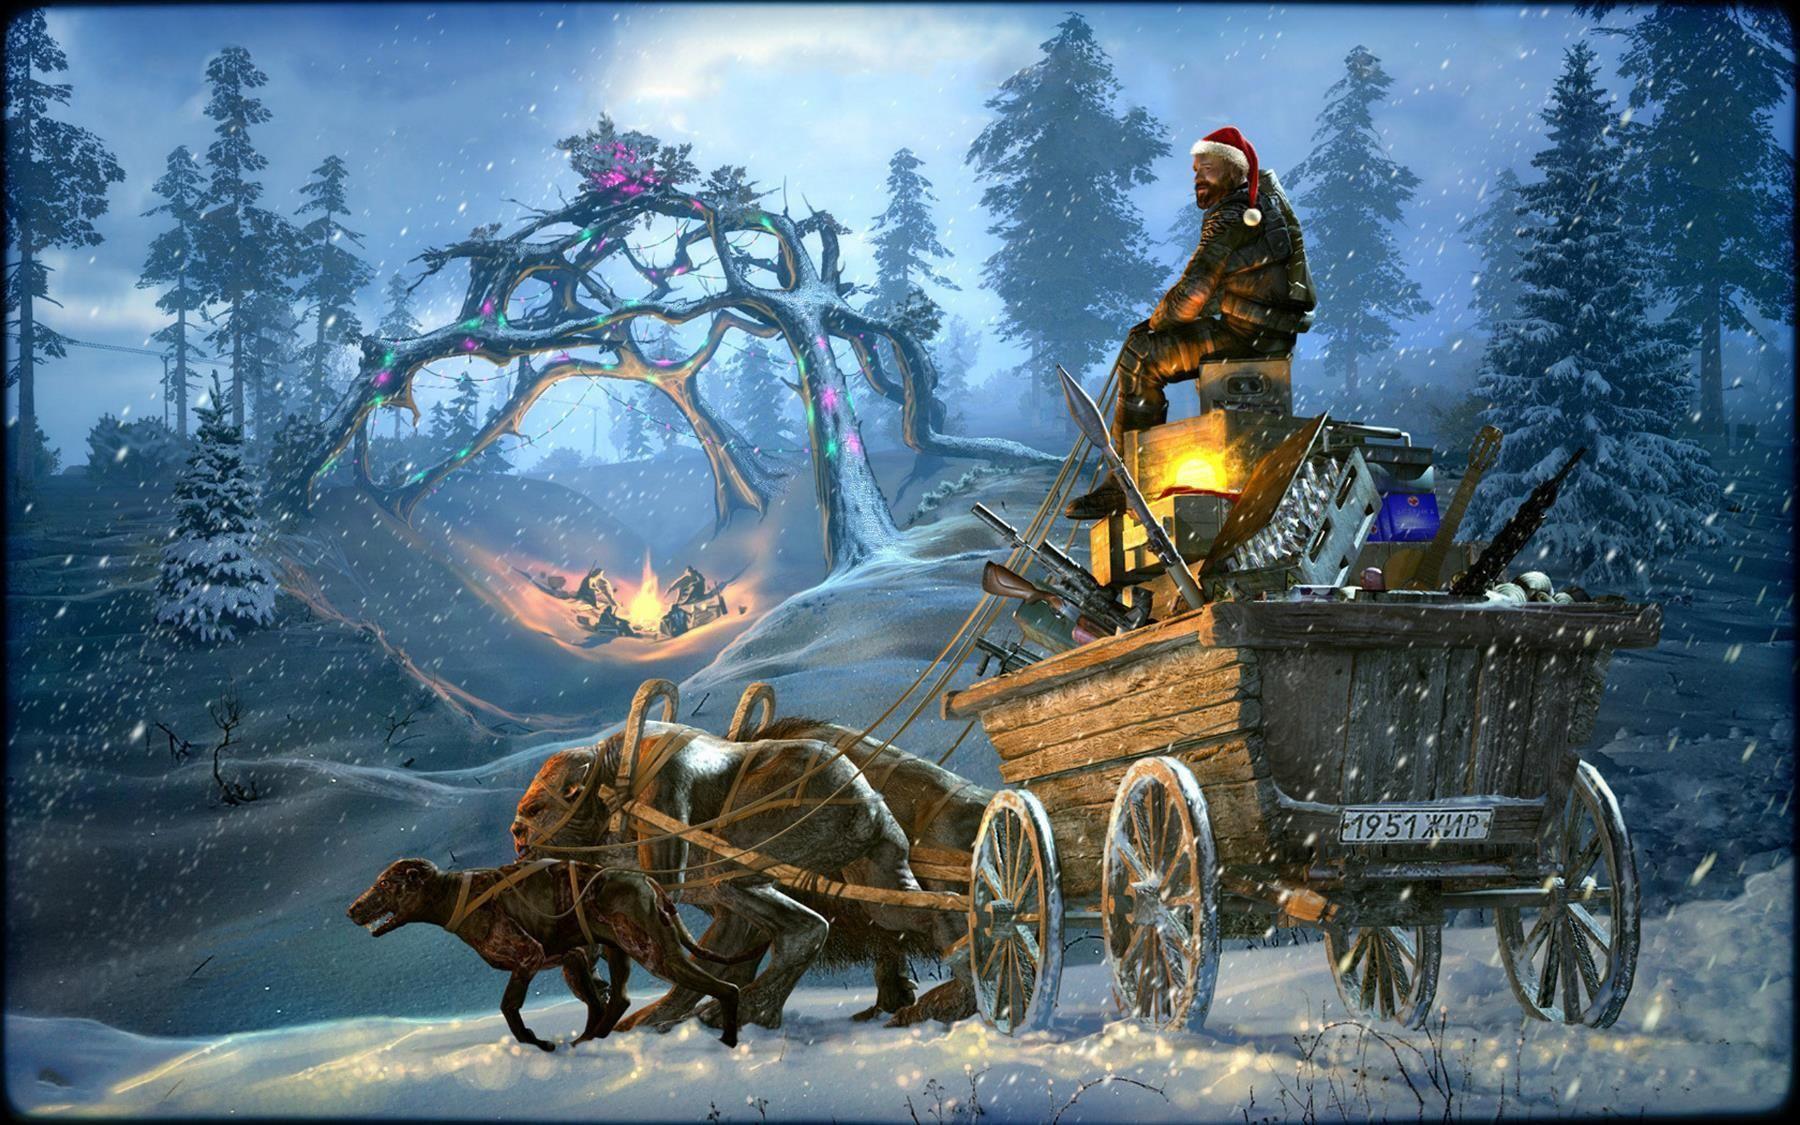 Fond D écran Vacances De Noël: Fonds D'écran Pour Noël